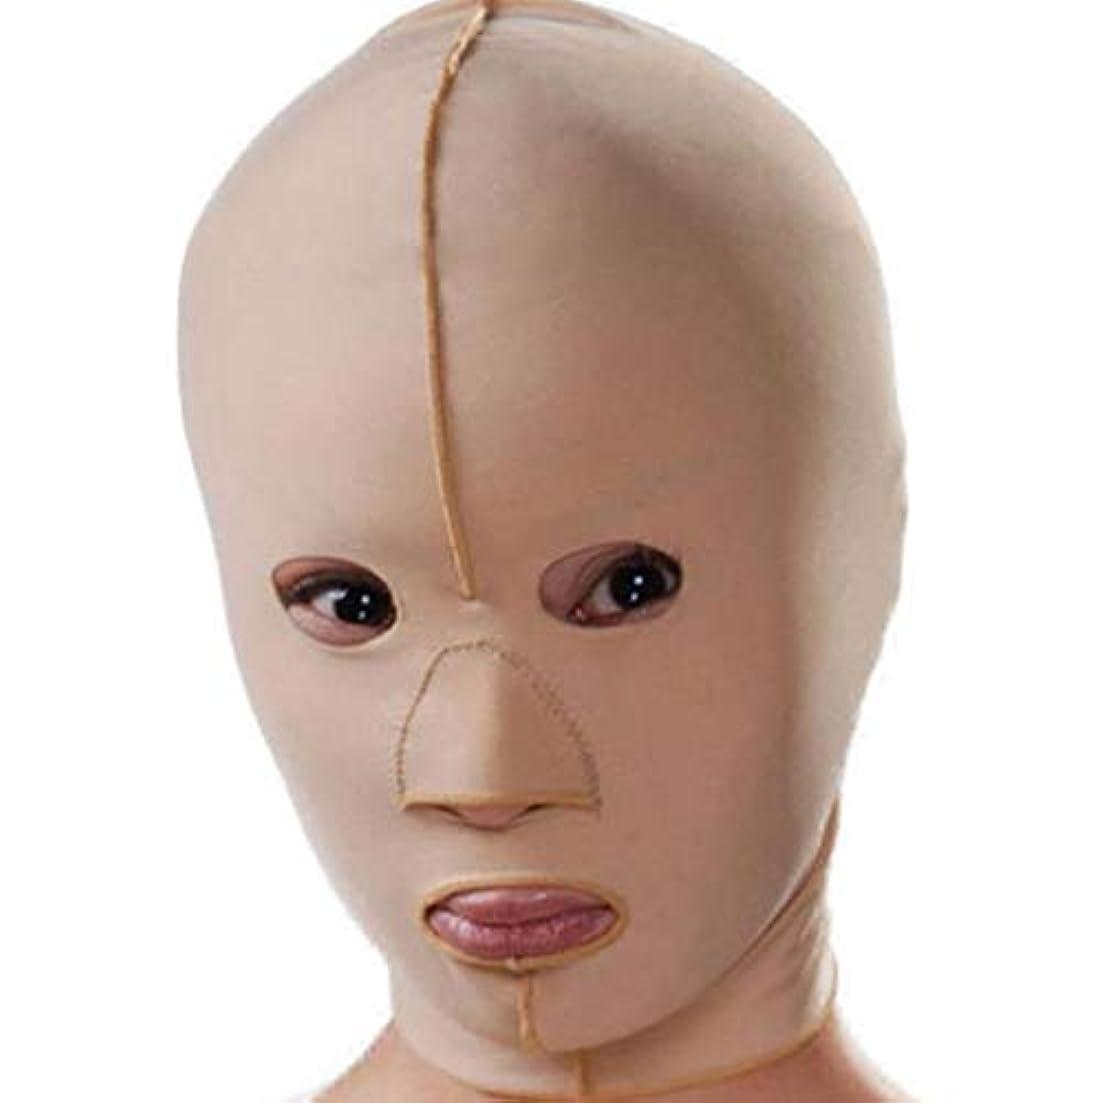 テーブルを設定する基礎理論キリスト教痩身包帯、マスク薄いフェイスマスクリフティングダブルあご引き締め顔面プラスチックフェイスアーティファクト強力なフェイス包帯